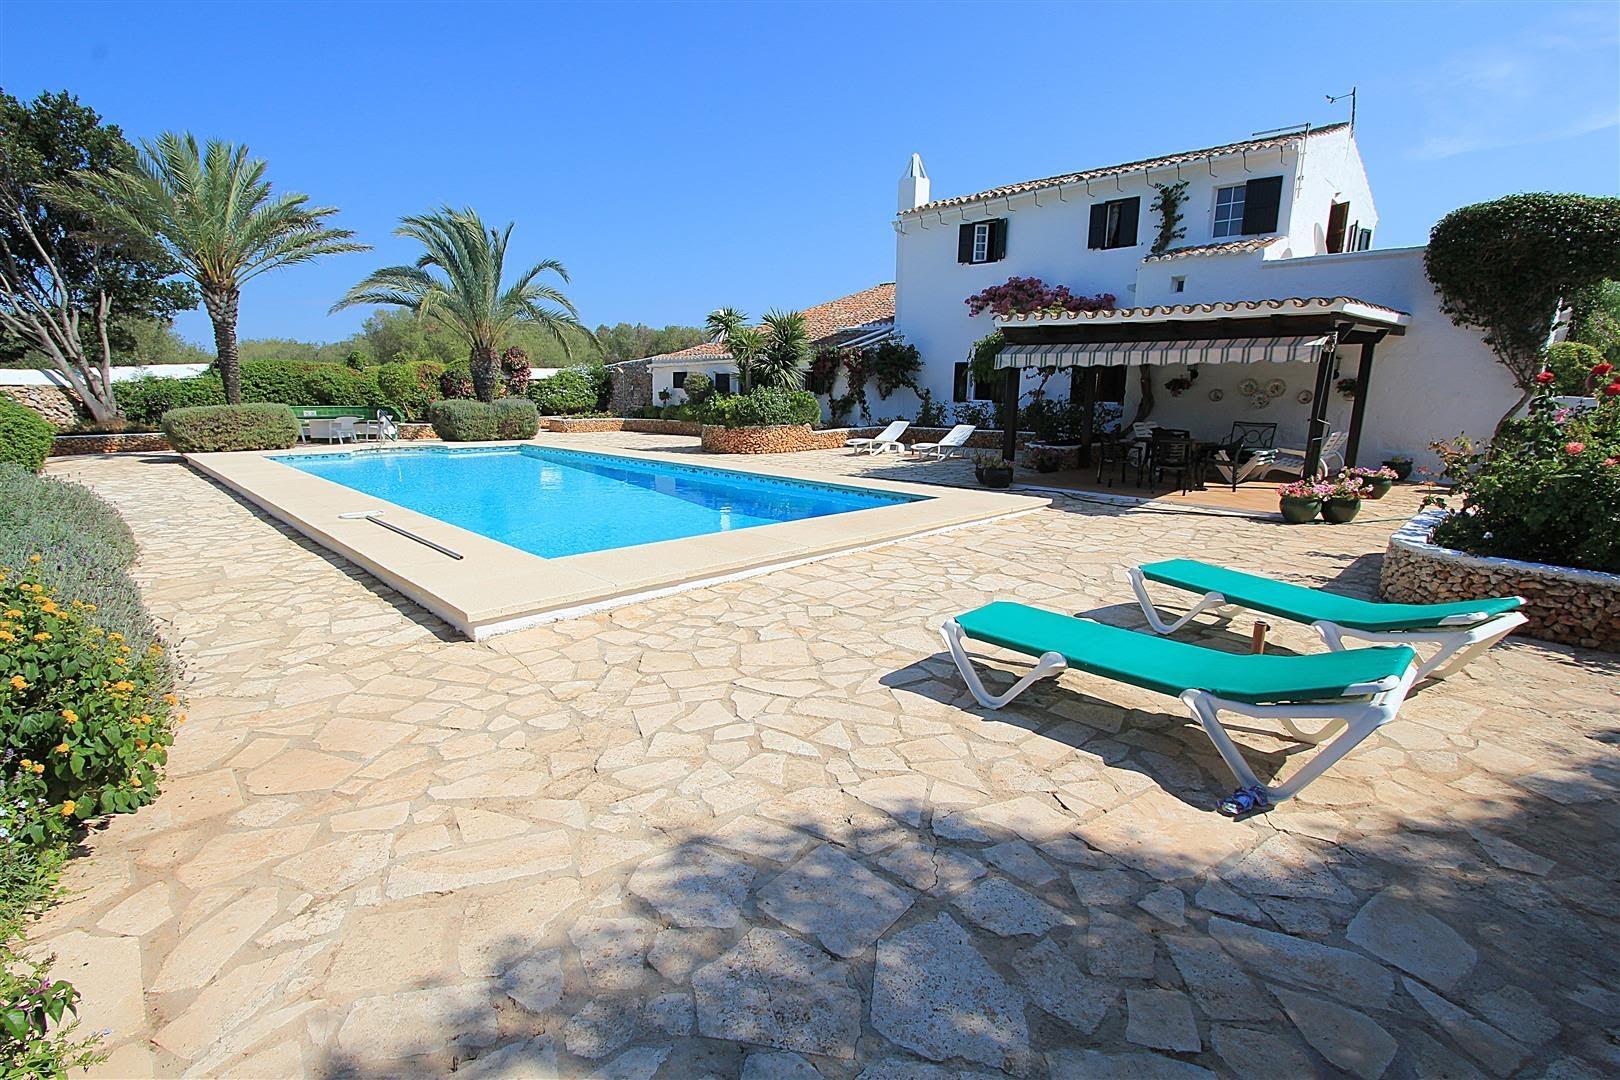 Affittare una villa a minorca isola di minorca for Villaggi vacanze barcellona